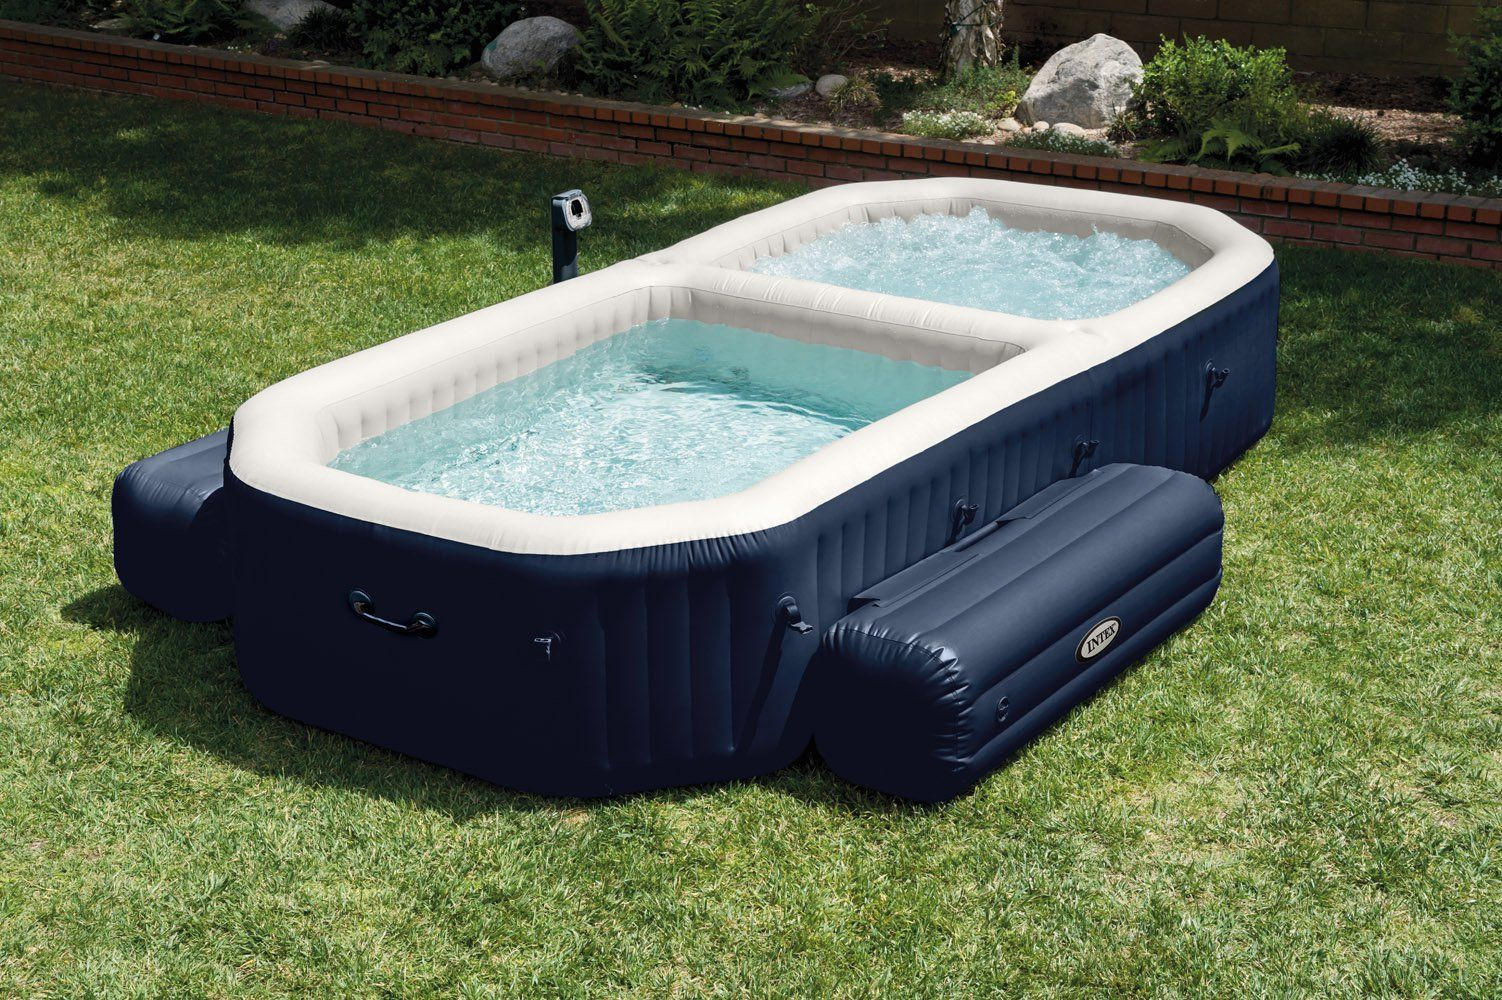 Intex 120 Bubble Jets 4 Person Octagonal Purespa Walmart Com Intex Hot Tub Tub Pools Inflatable Hot Tubs